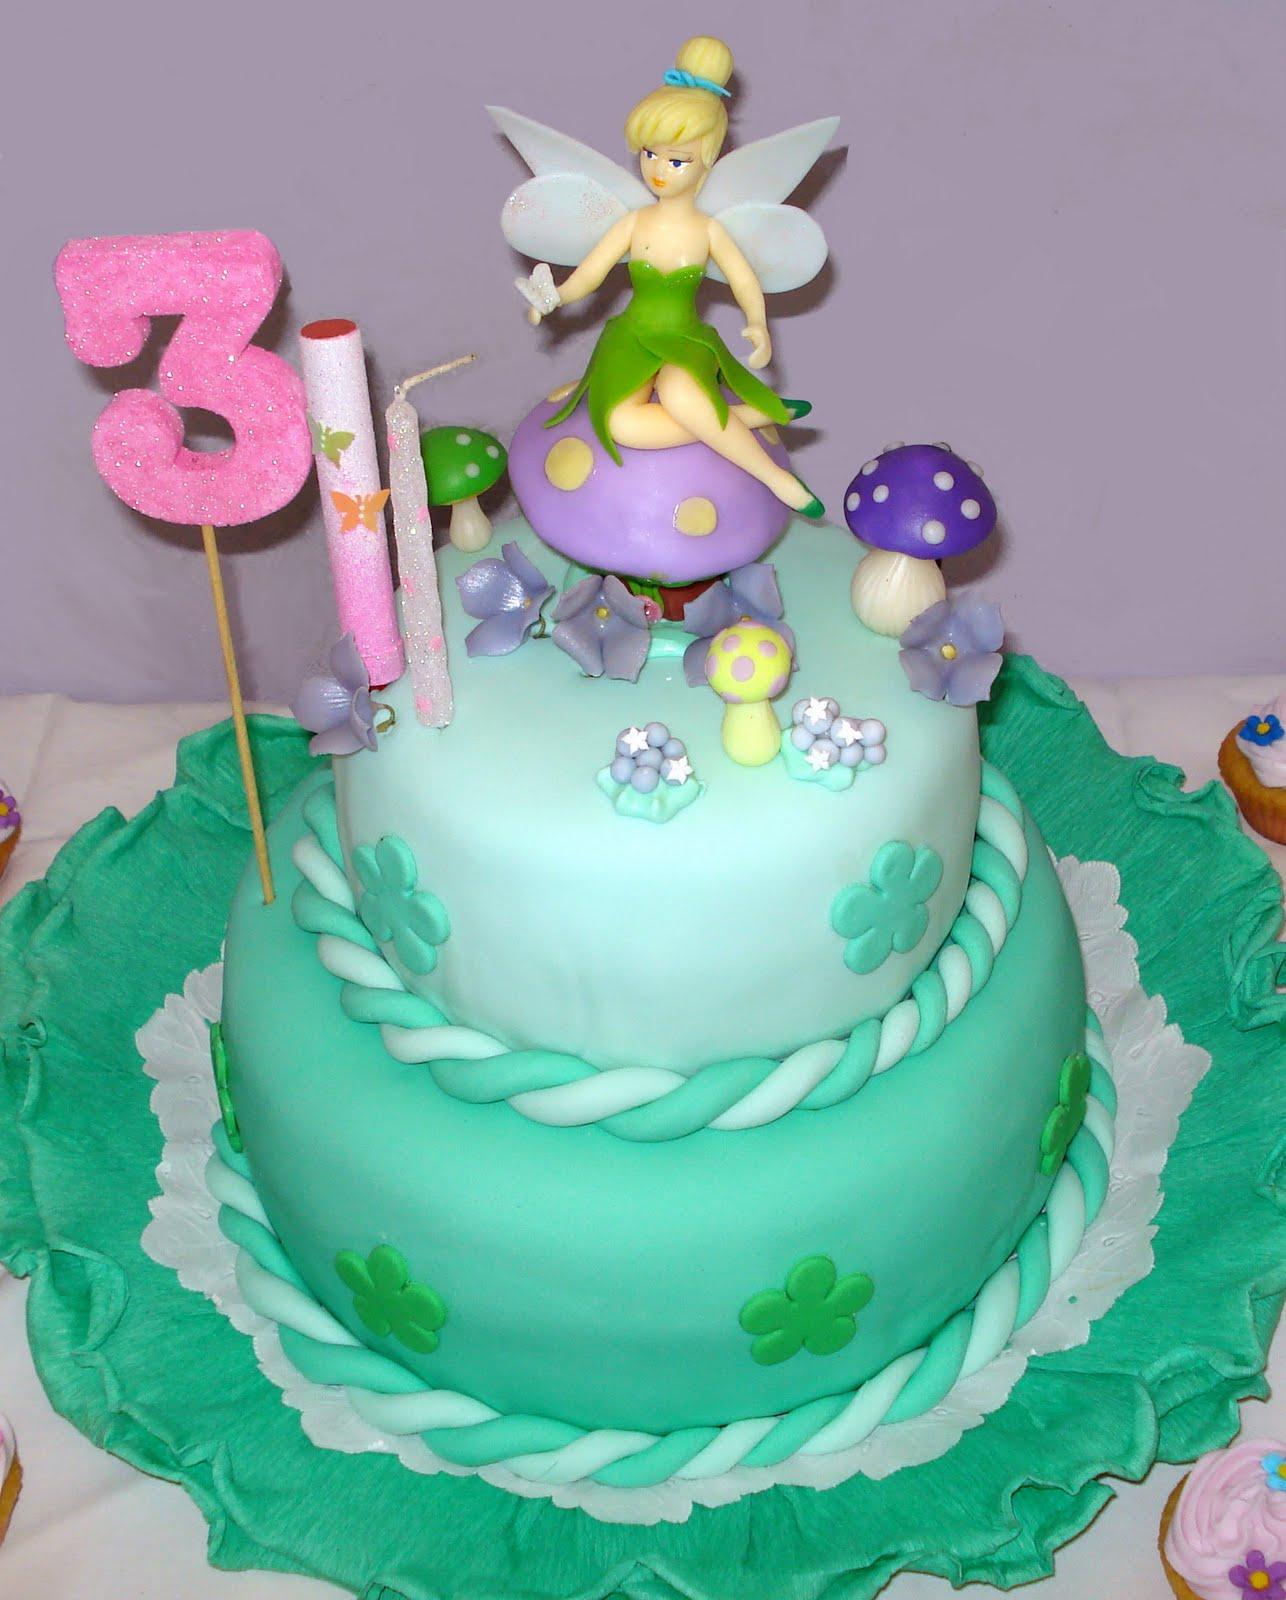 Tortas decoradas con tinkerbell - Imagui